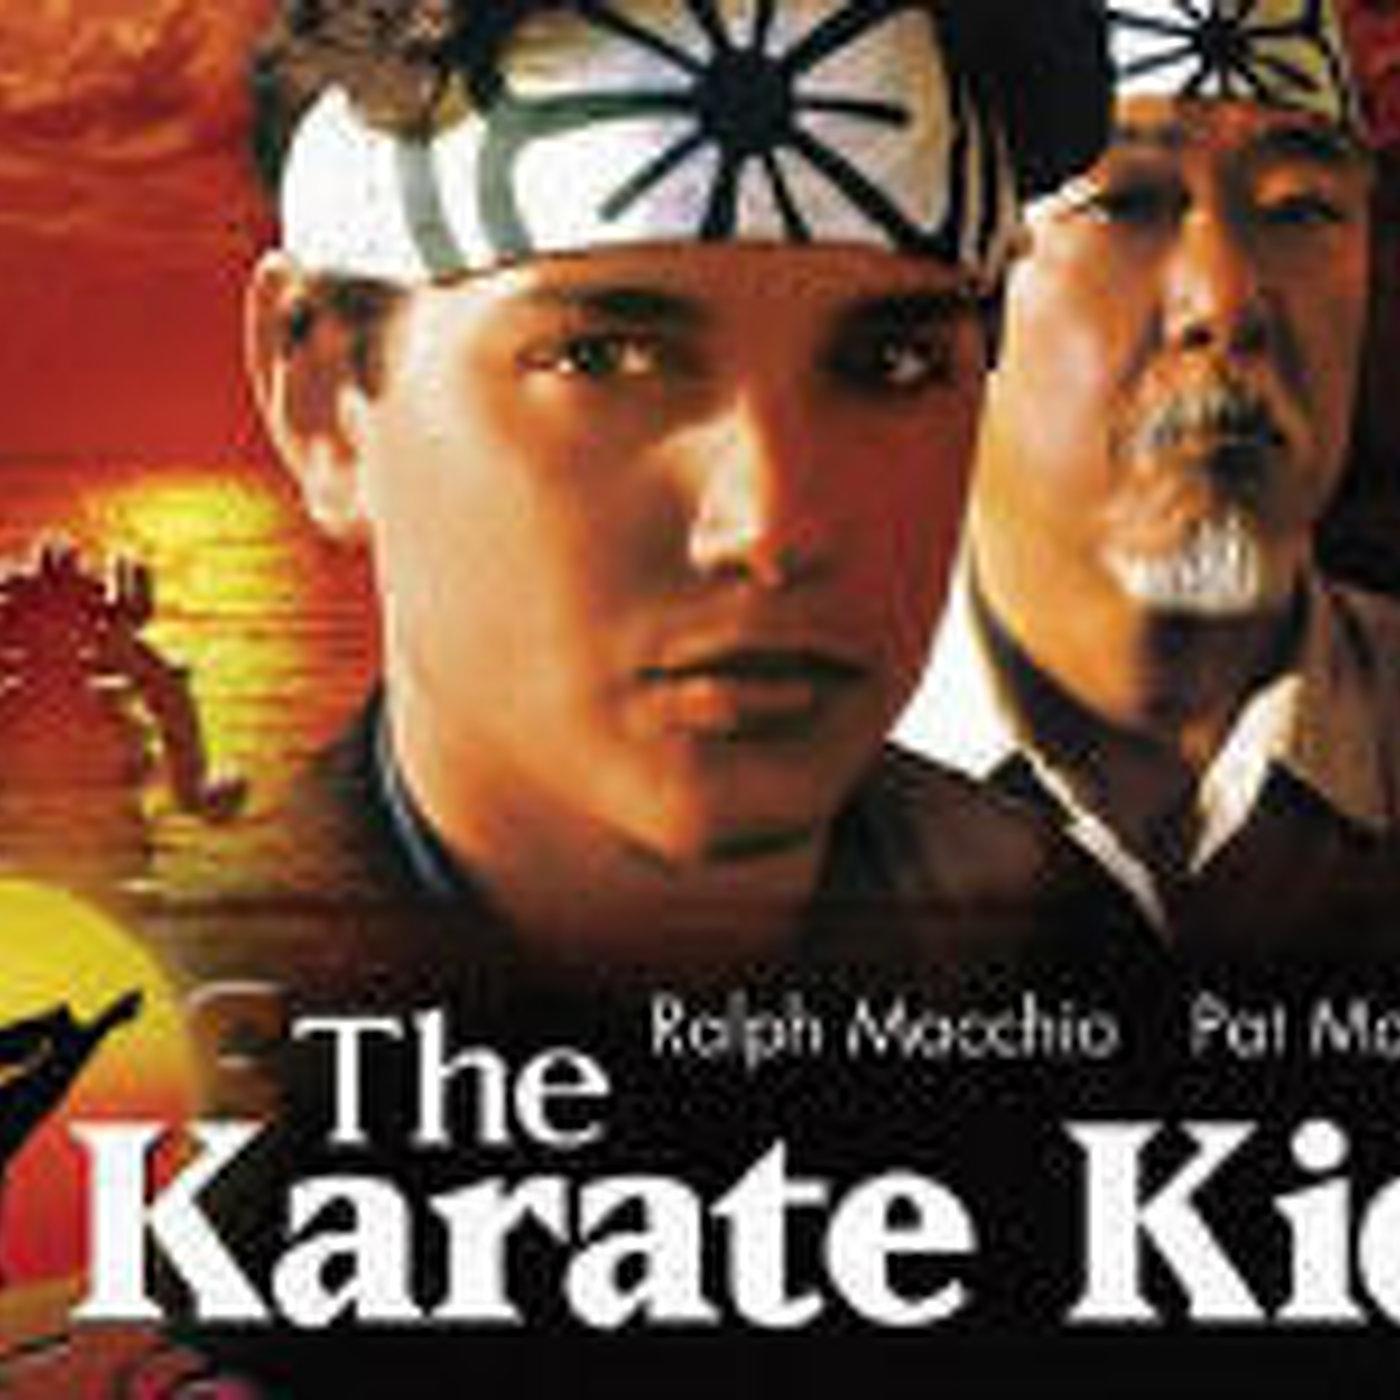 Karate kid online 1984 latino dating 3